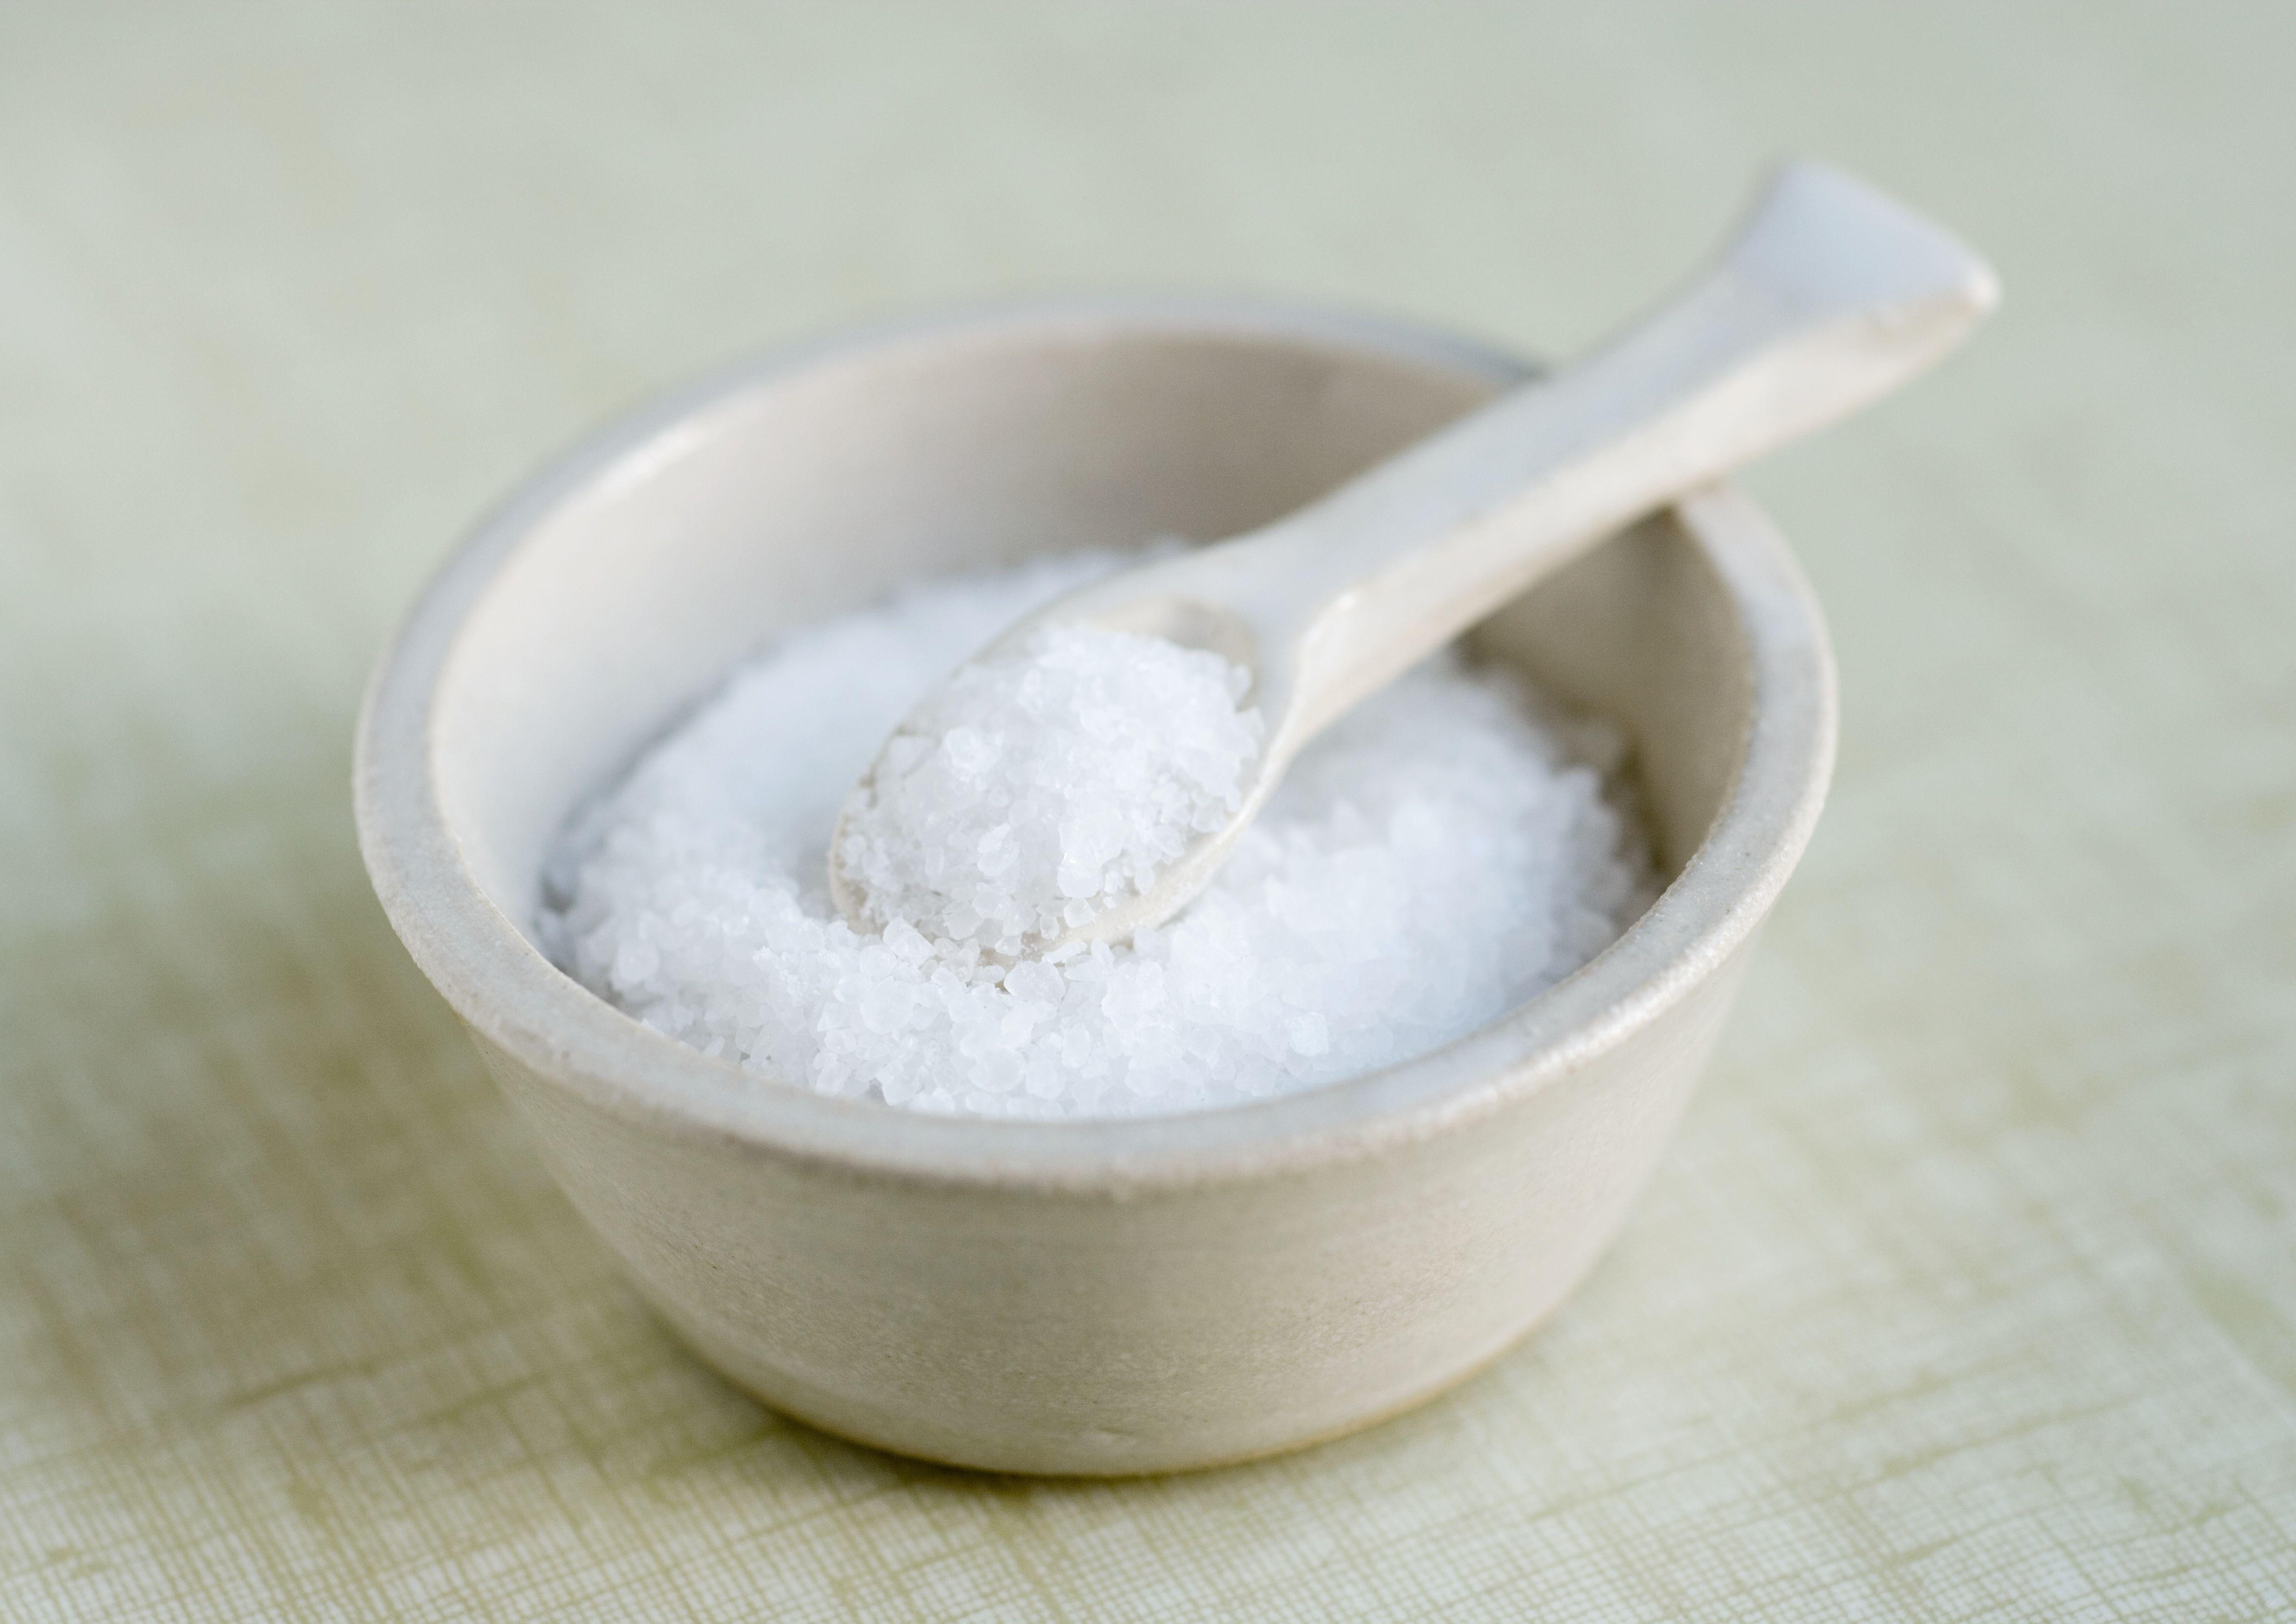 Nas para tomando pernas cãibras sal